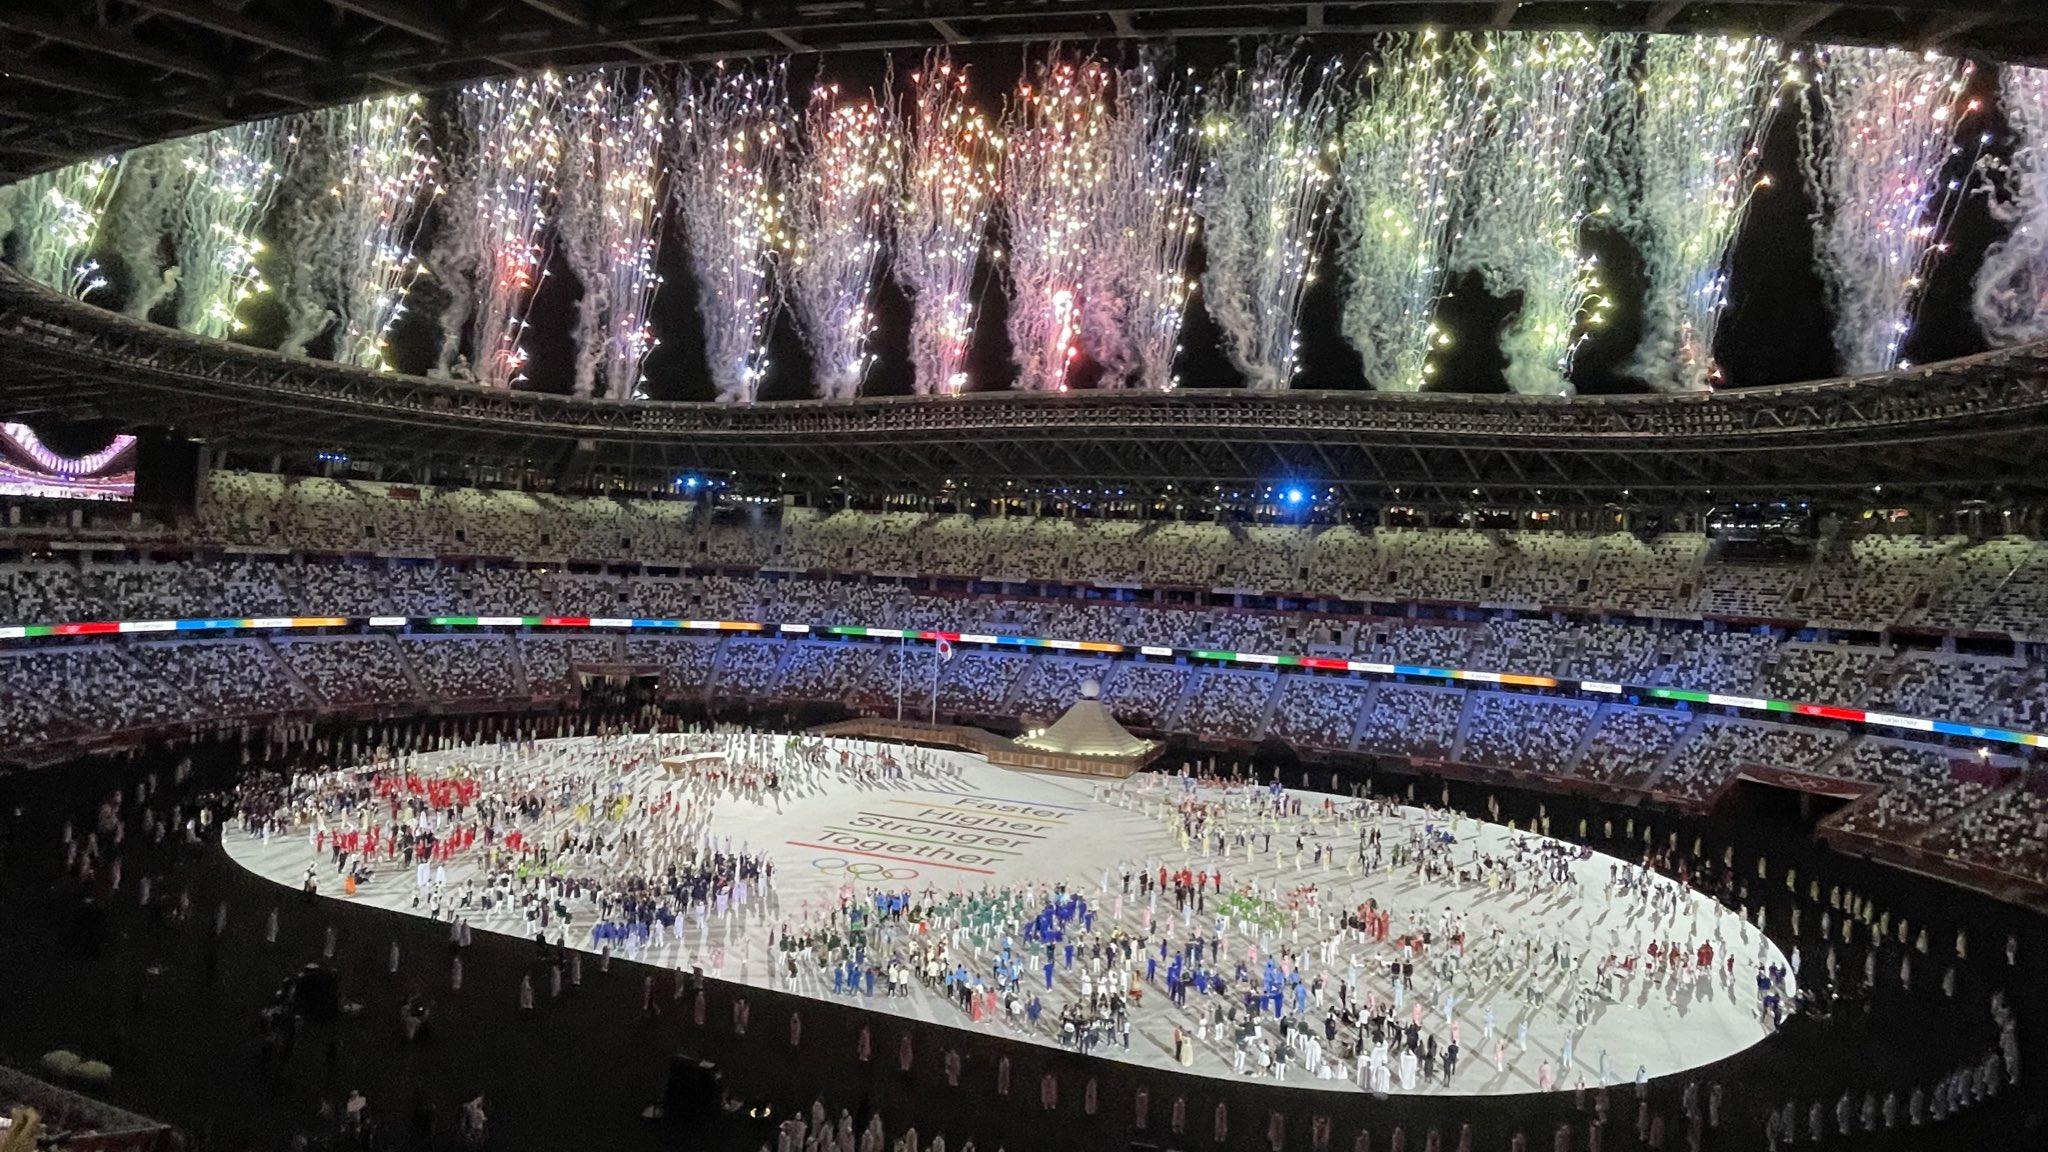 ceremonia de deschidere a jocurilor olimpice